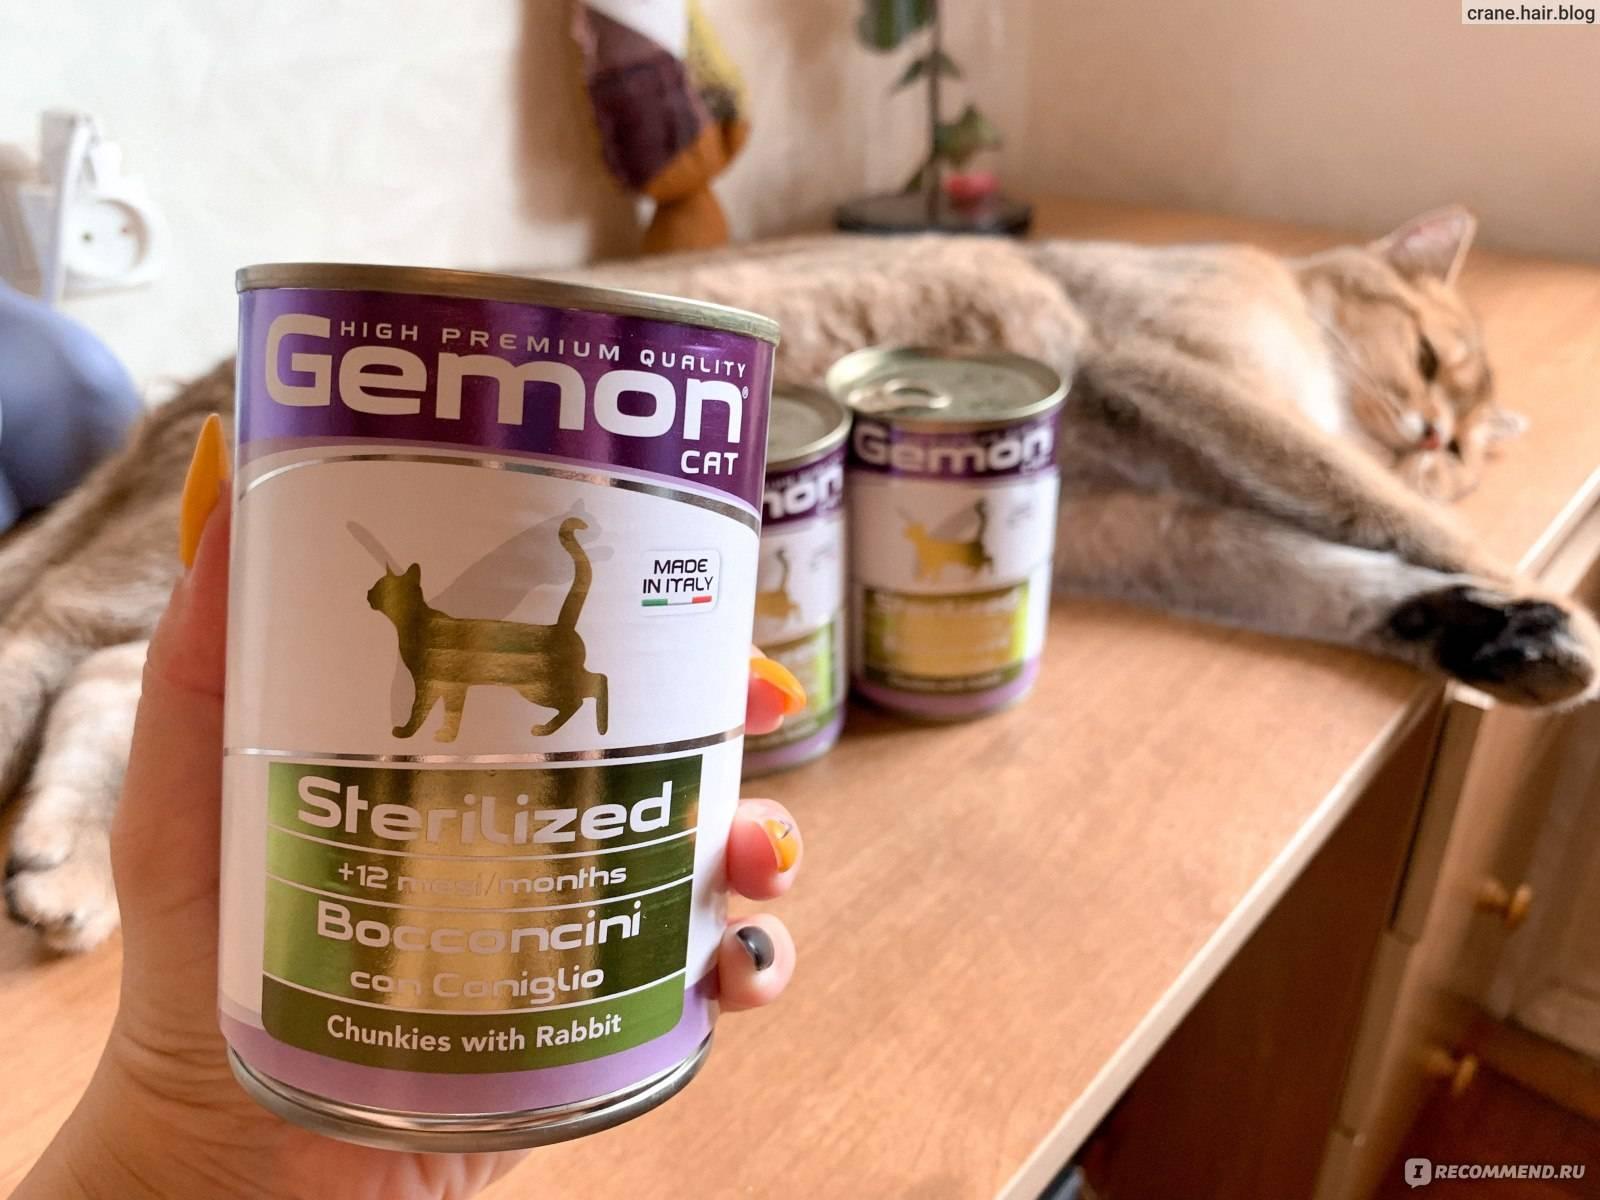 Корм monge для кошек: состав, ассортимент, особенности рационов  - mimer.ru